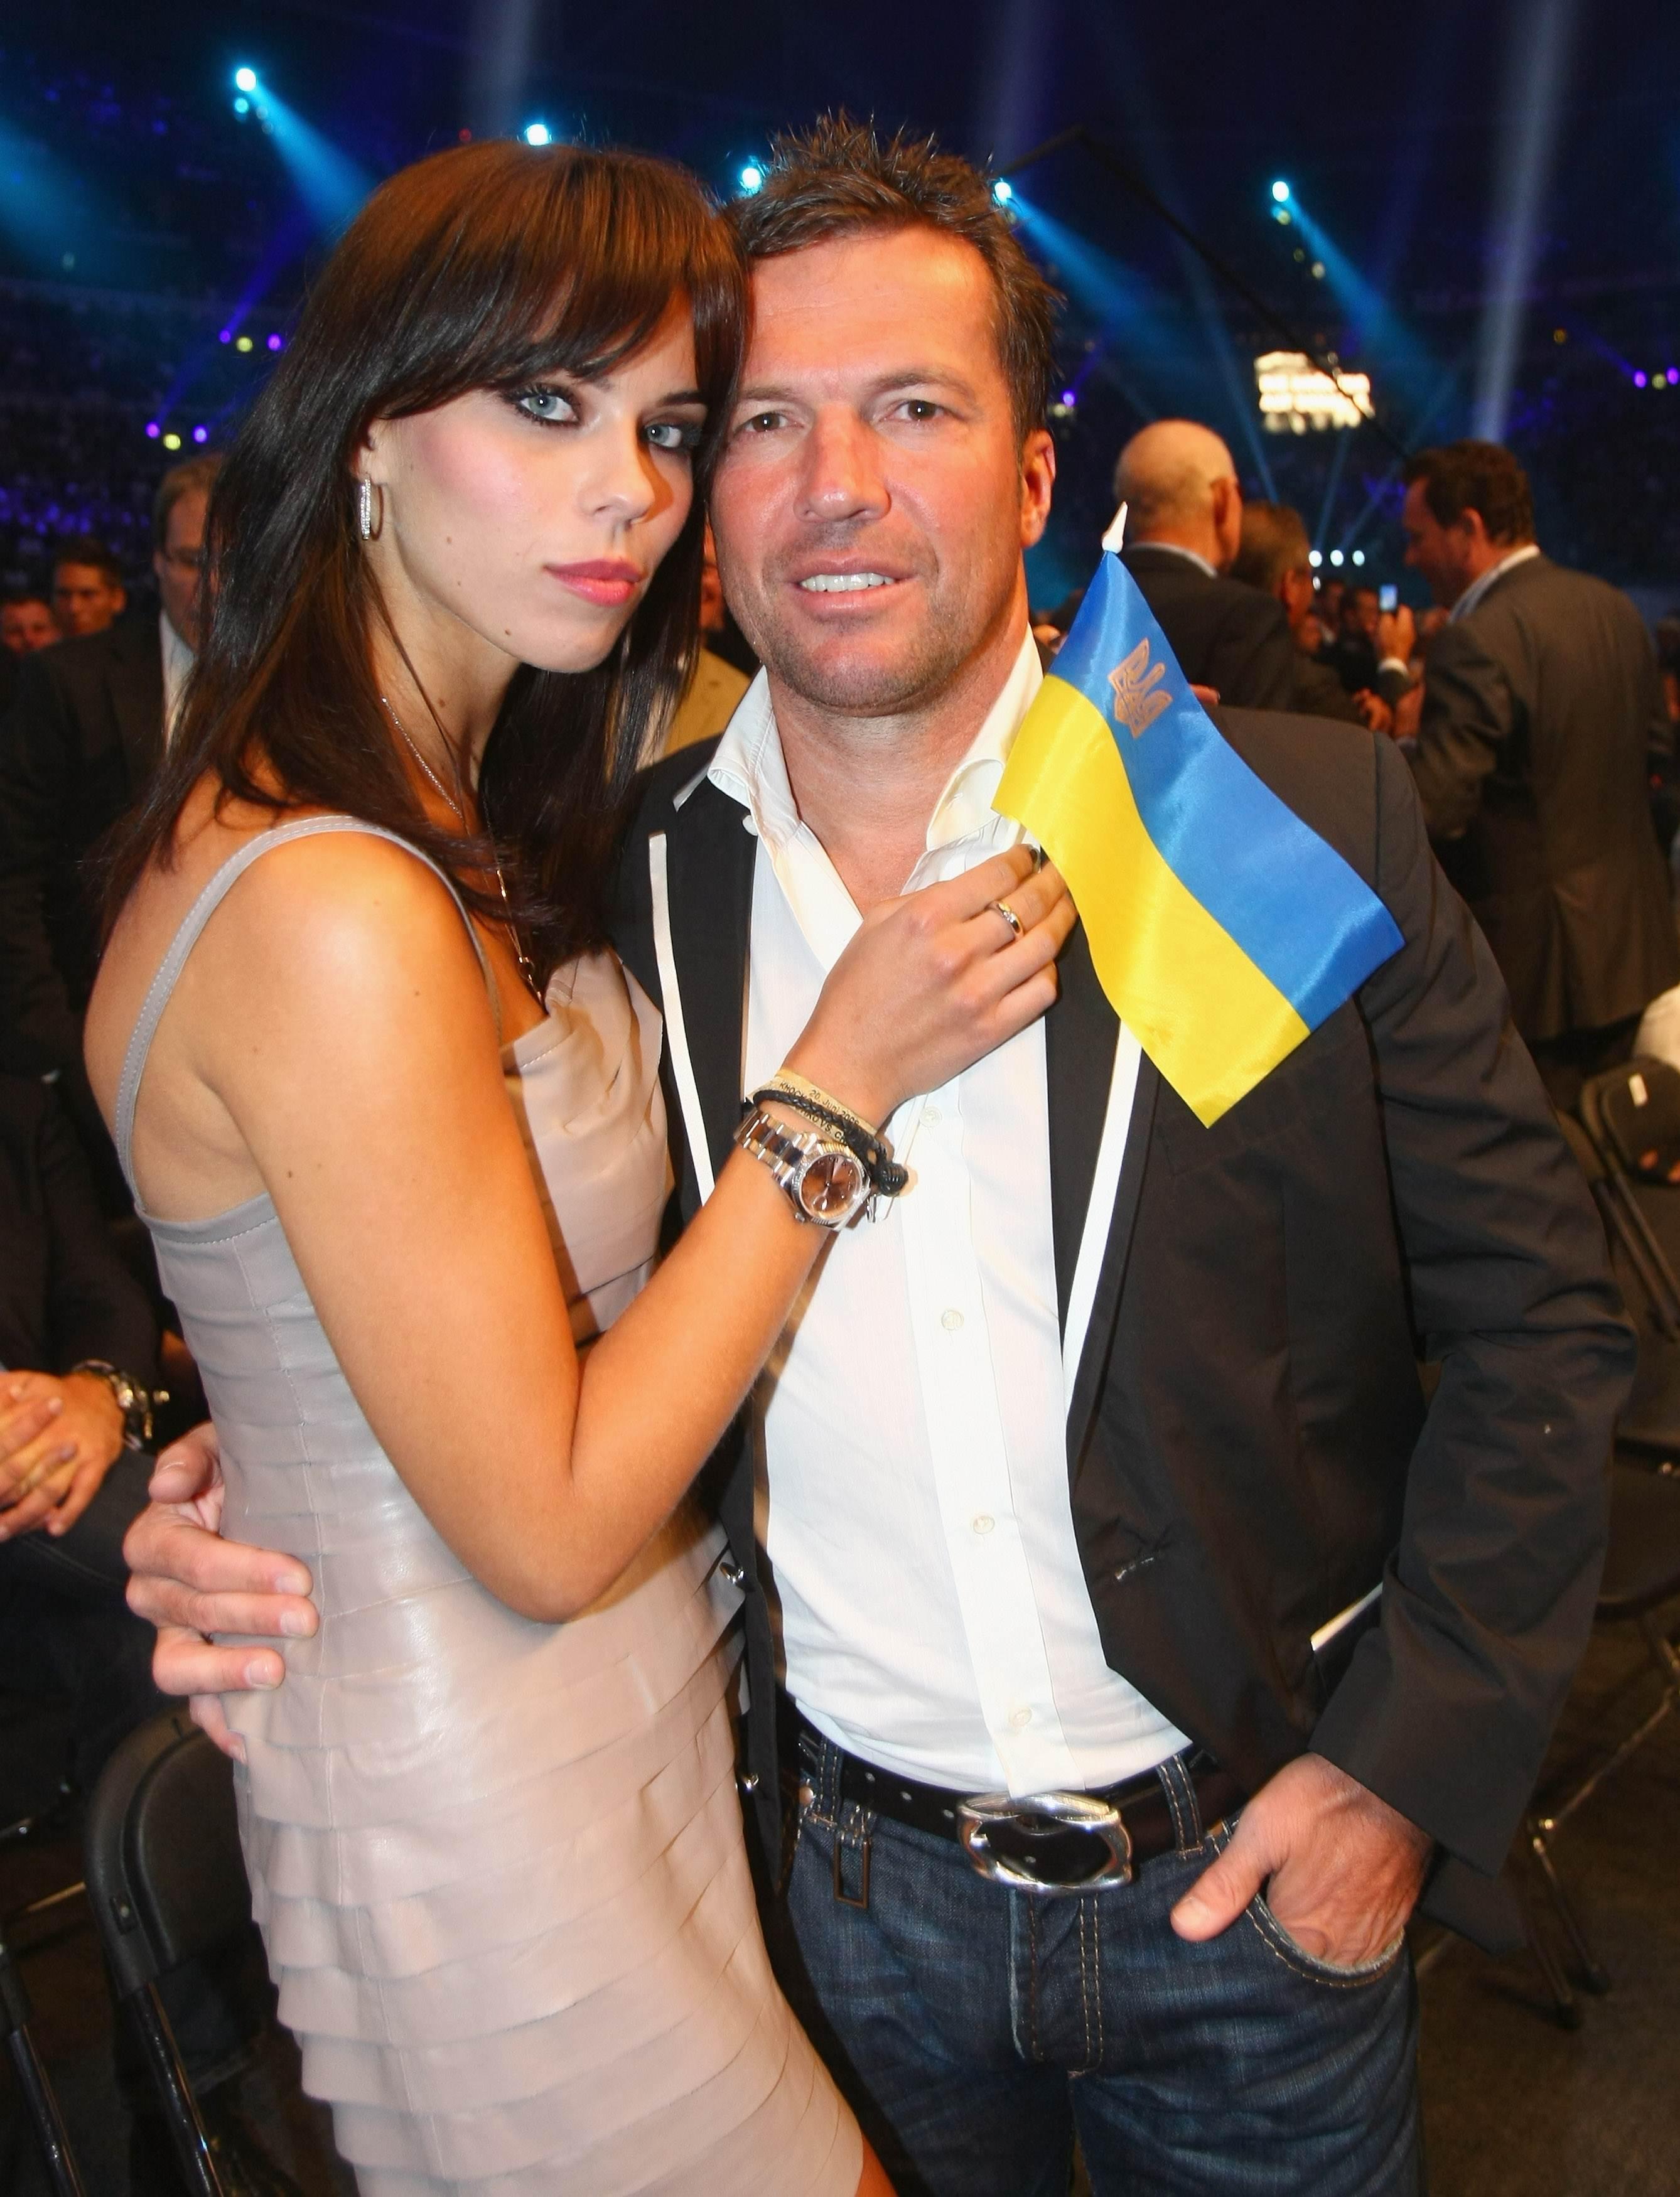 Легенда немецкого футбола Лотар Маттеус со своей женой моделью Кристиной Лилианой